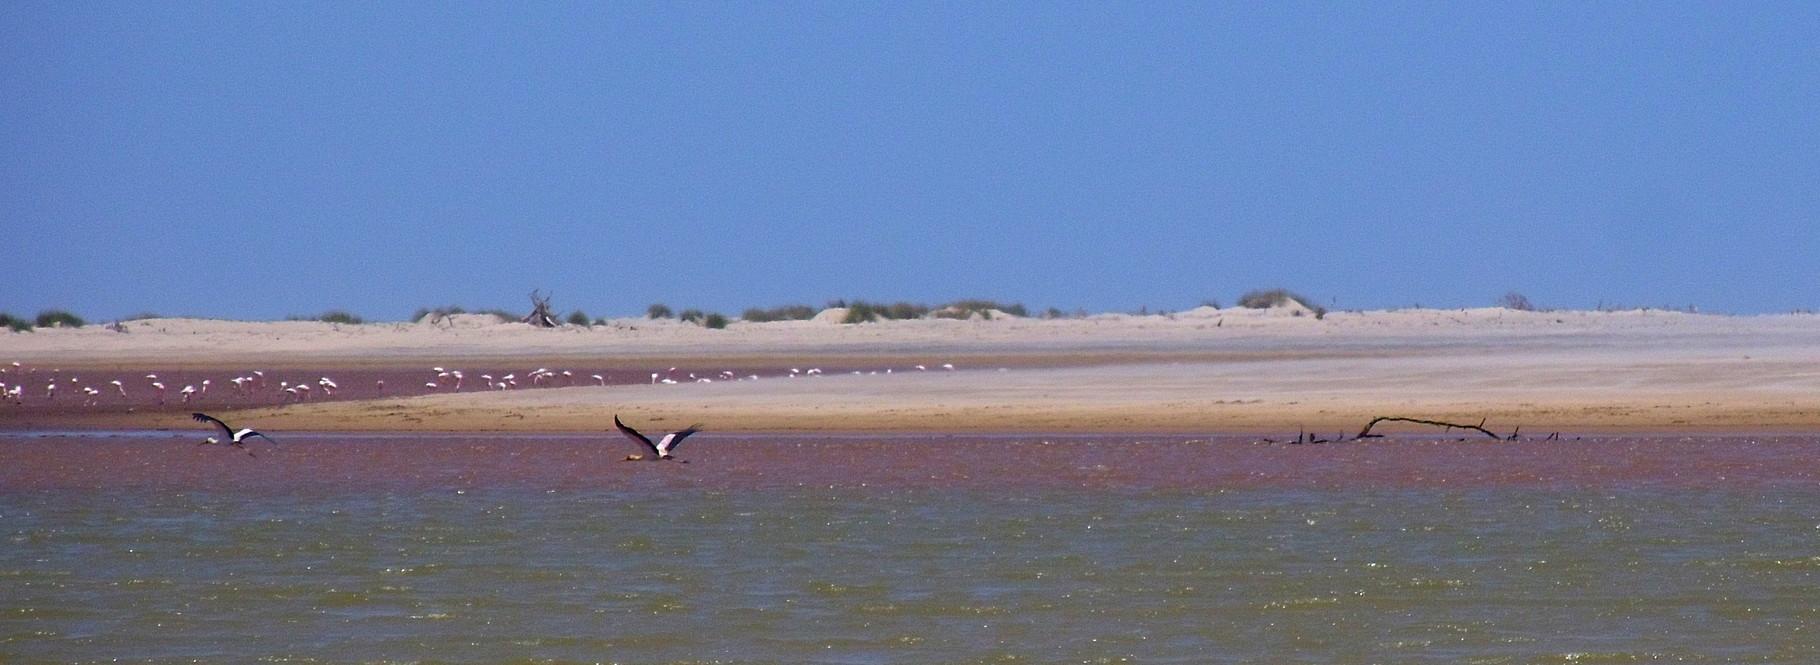 Foce fiume Sabaki